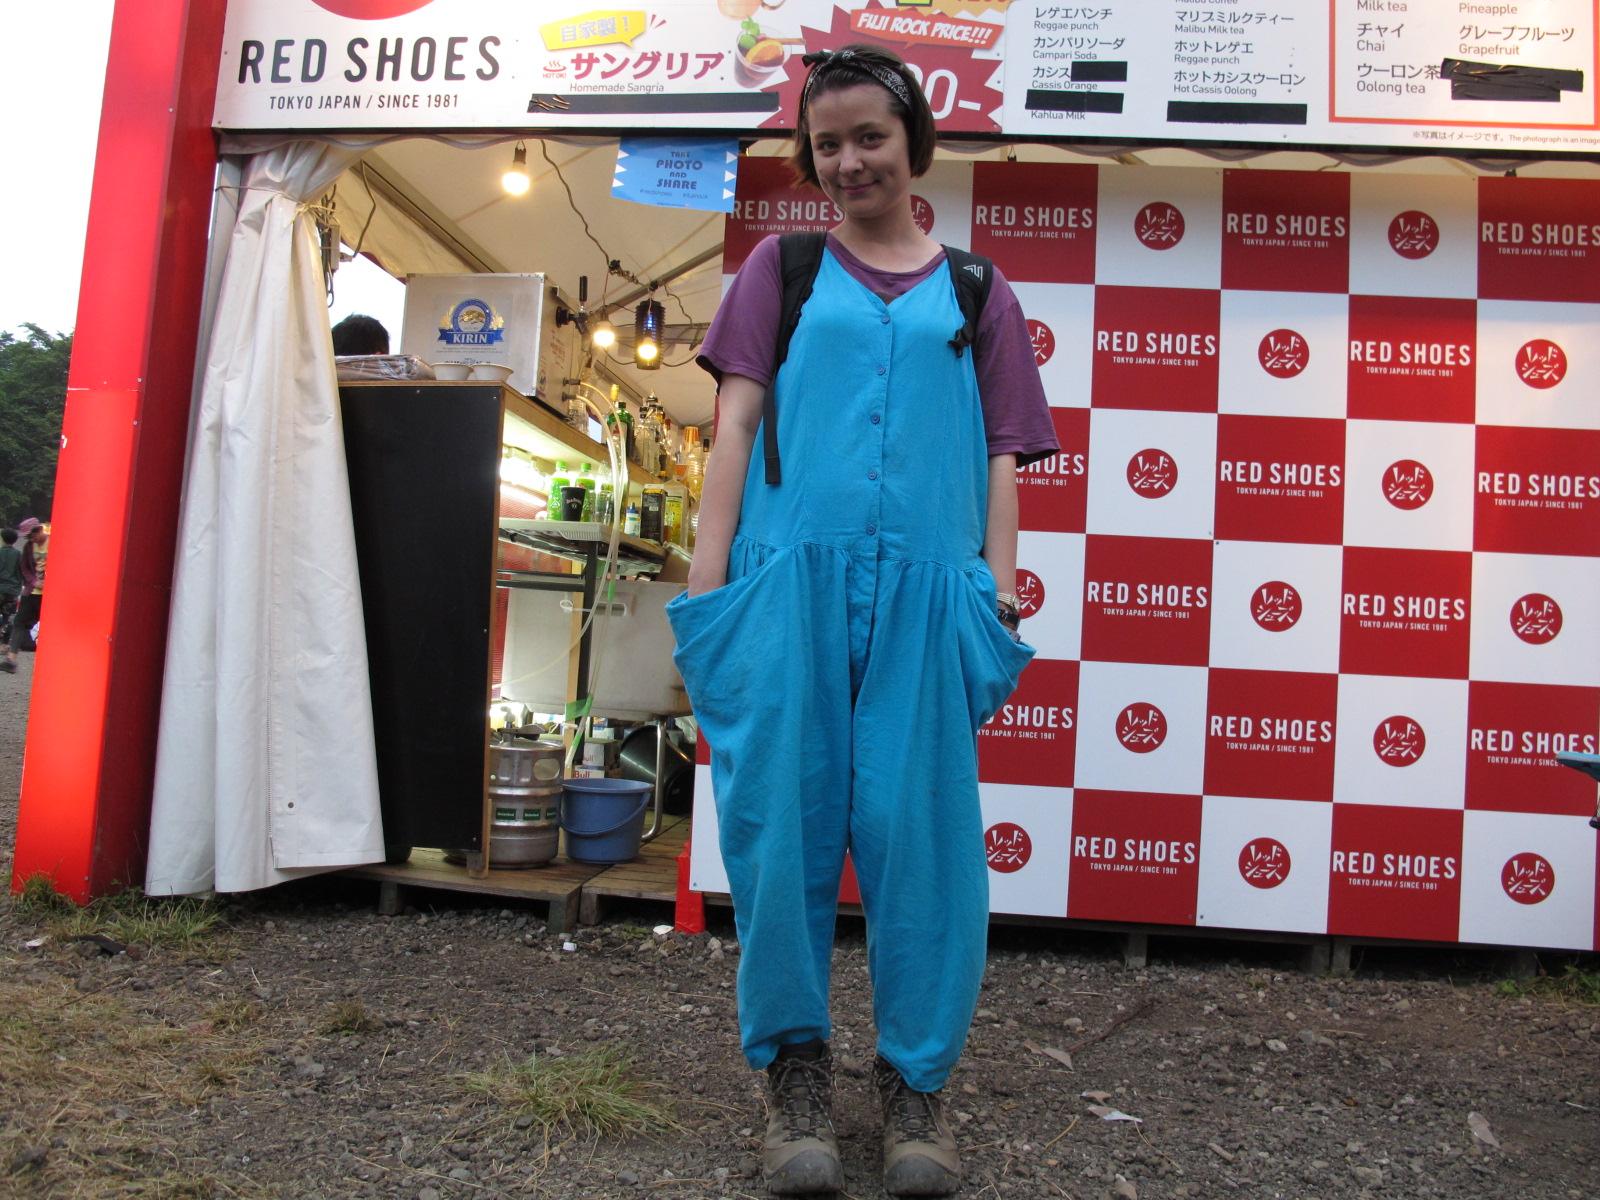 2016年もフジロックでキャッチ!最新フェスファッションスナップ #fujirock IMG_1214